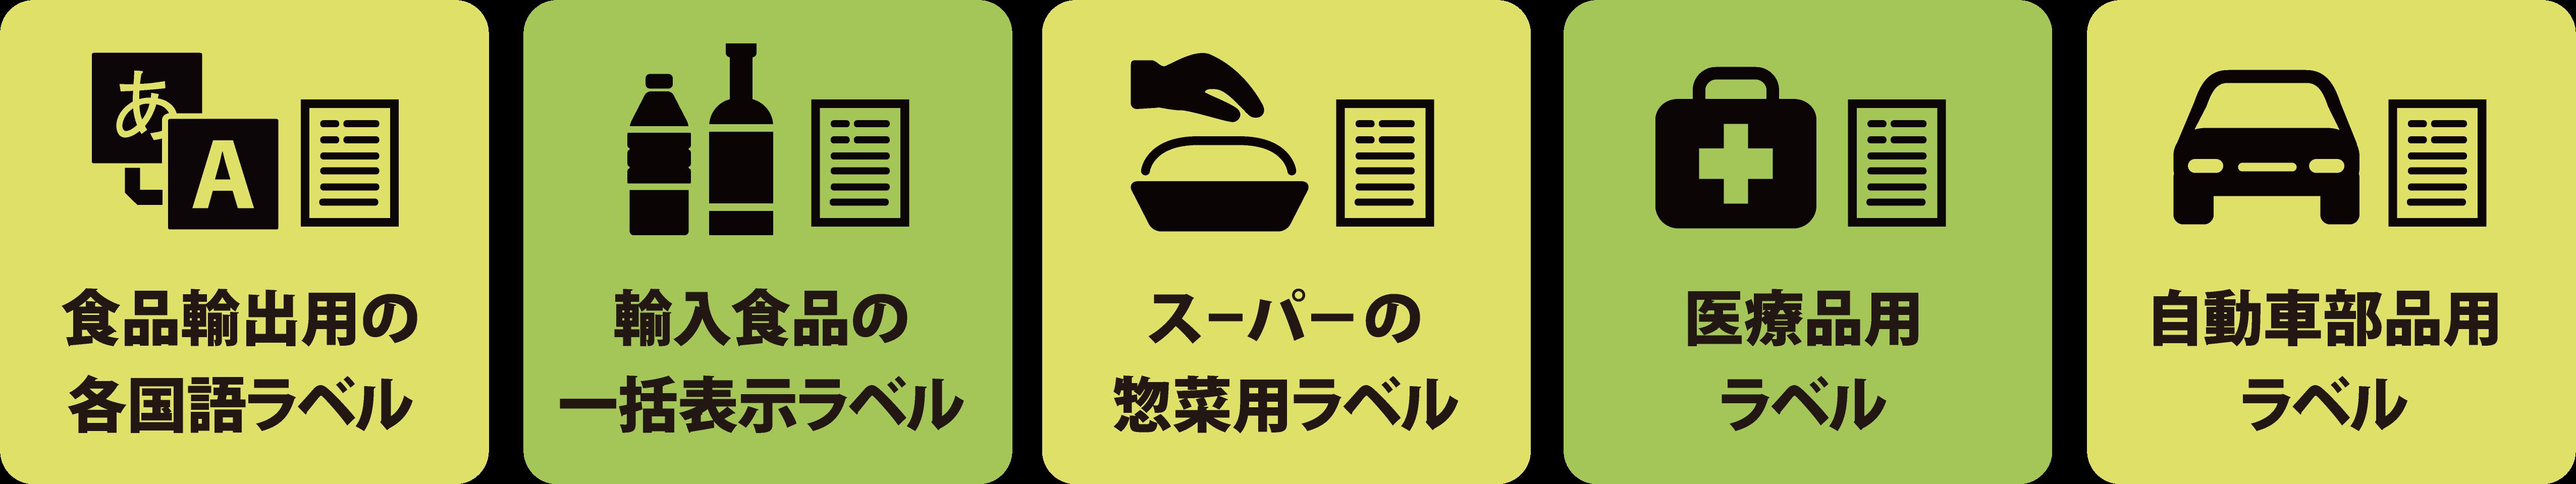 食品輸出用の各国語ラベル/輸入食品の一括表示ラベル/スーパーの惣菜用ラベル/衣料品用ラベル/自動車部品用ラベル